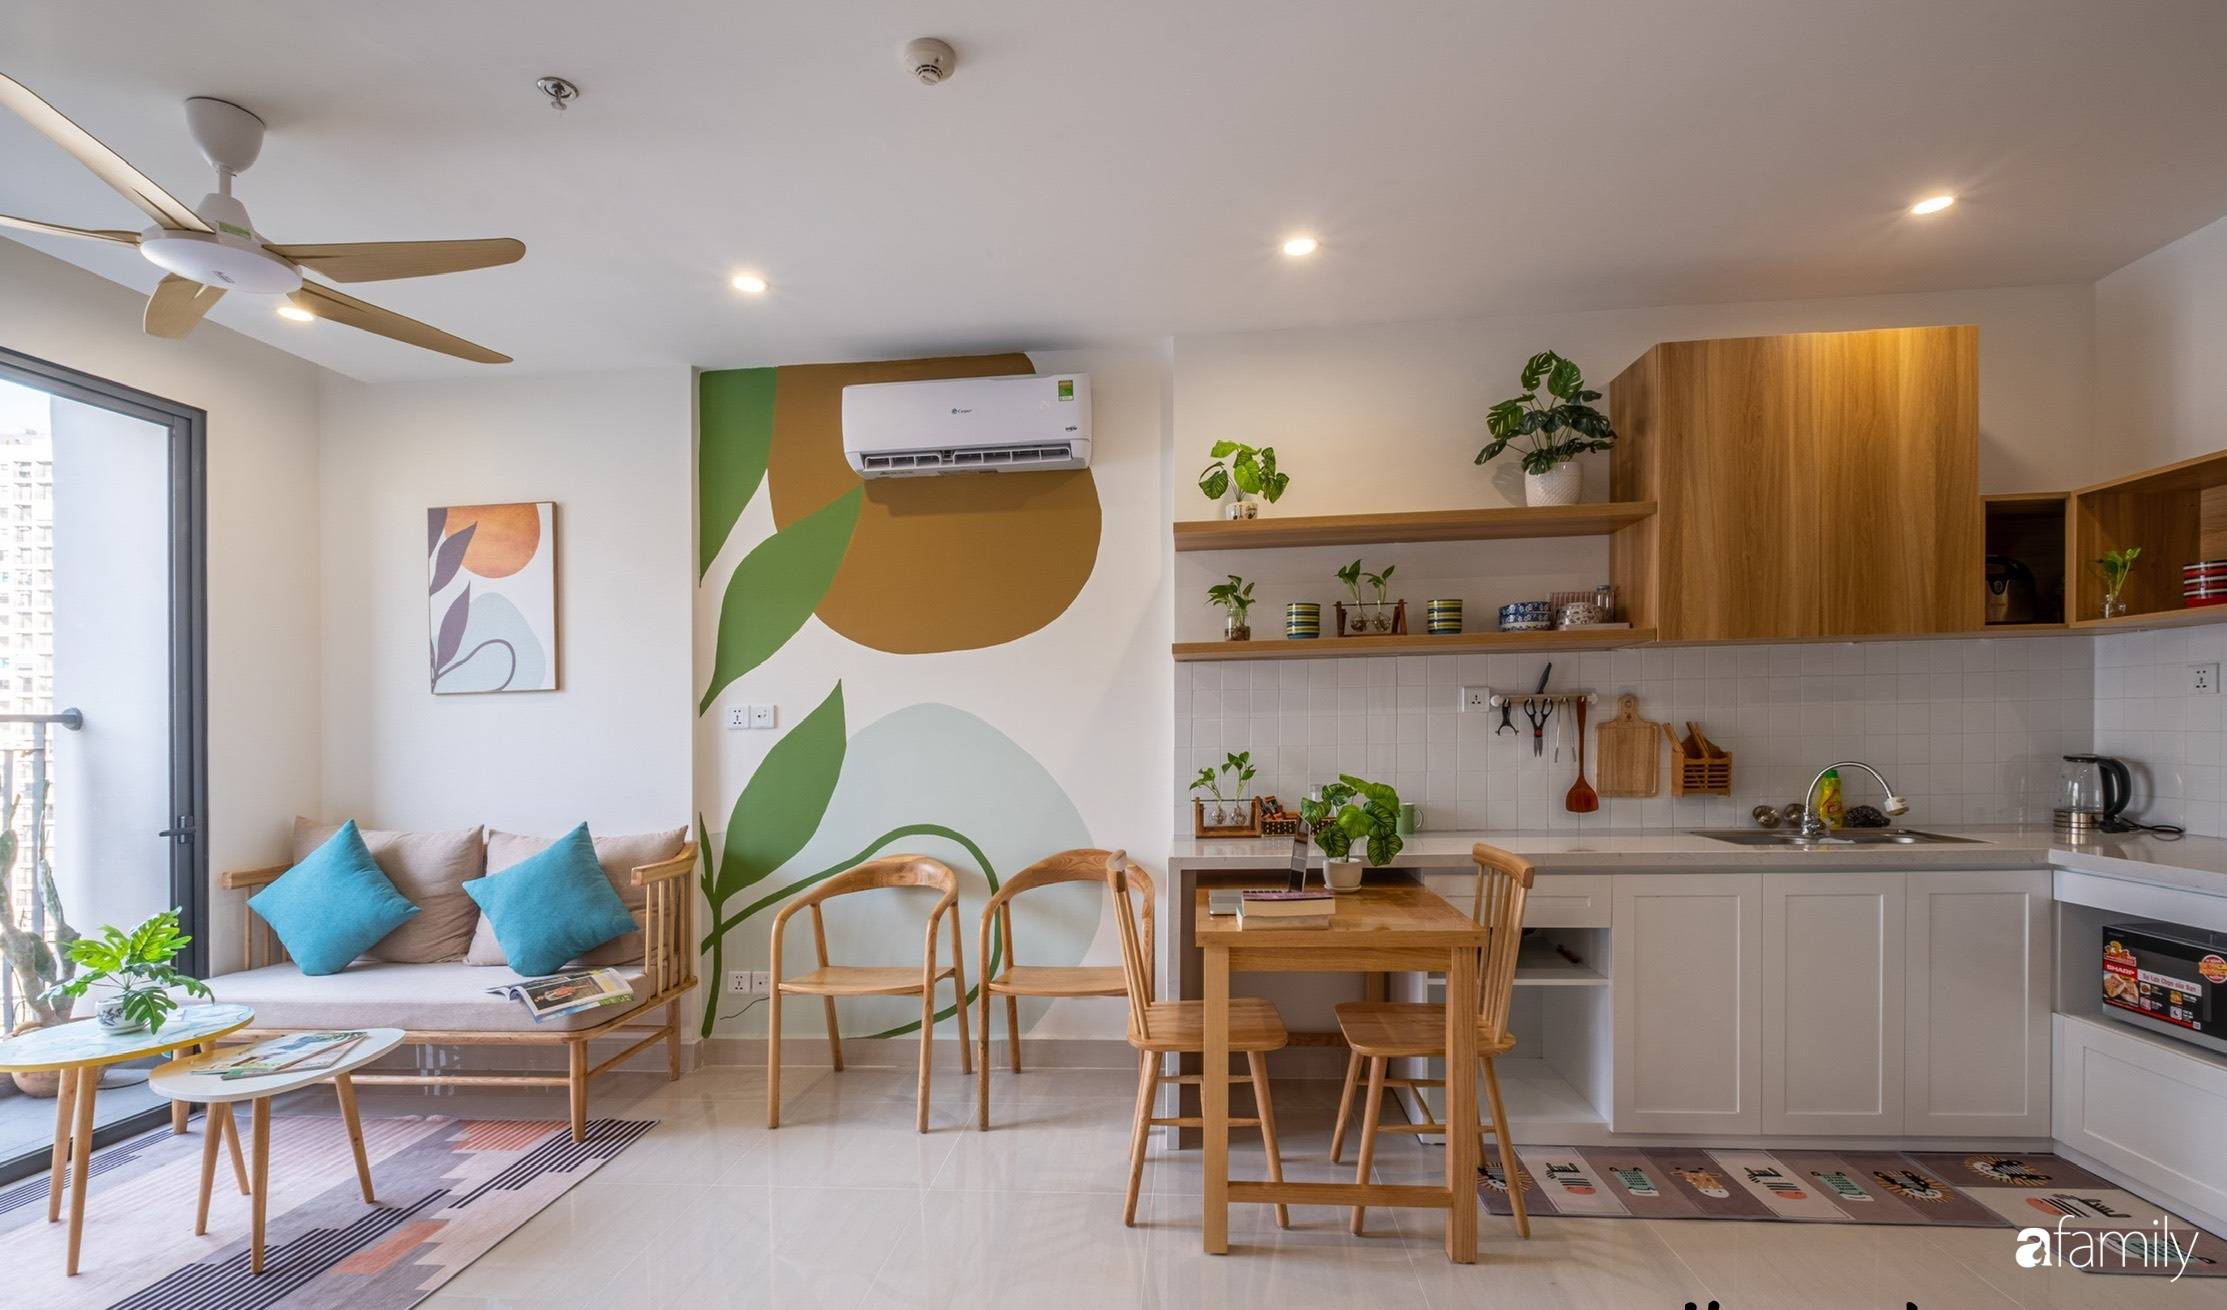 Căn hộ 40m² ở ngoại thành Hà Nội khiến ai ngắm nhìn cũng xuýt xoa vì đẹp có chi phí hoàn thiện 70 triệu đồng - Ảnh 1.